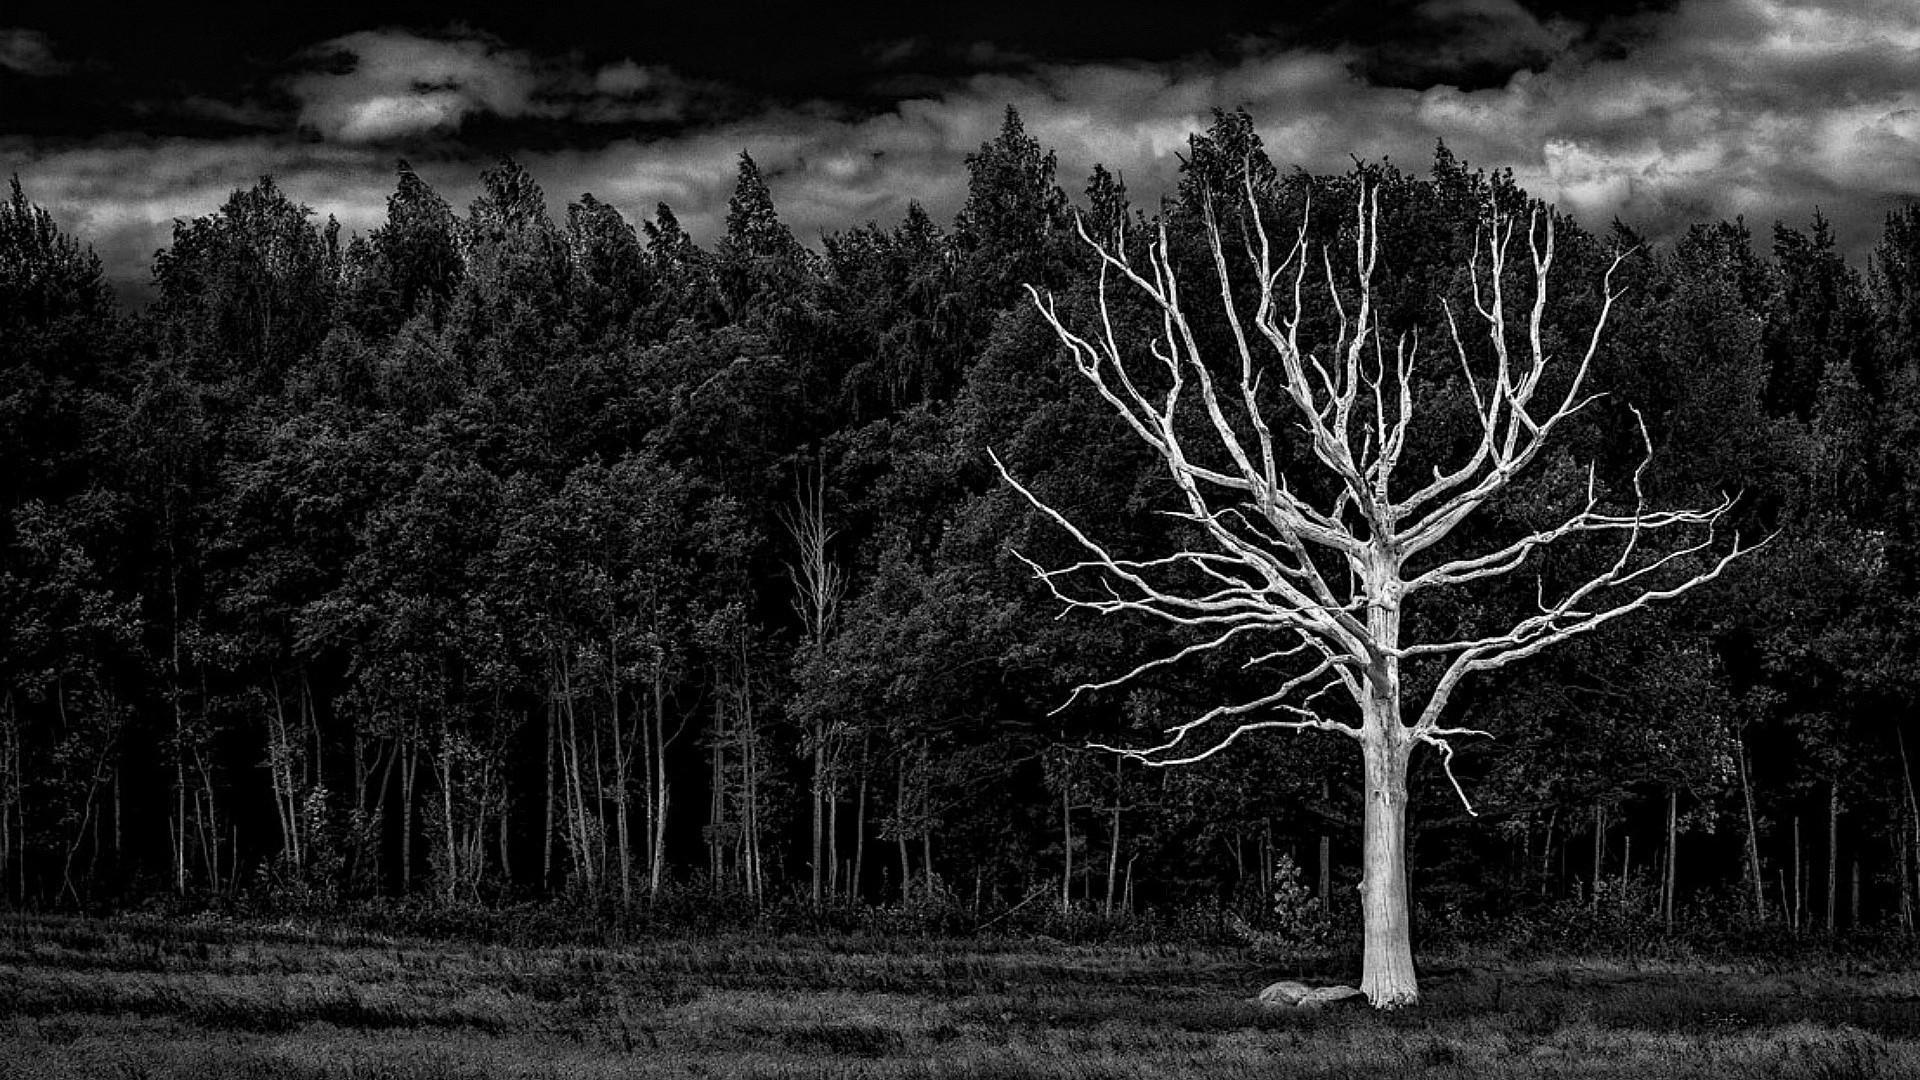 Ученые засомневались в способности лесов спасти планету от глобального потепления